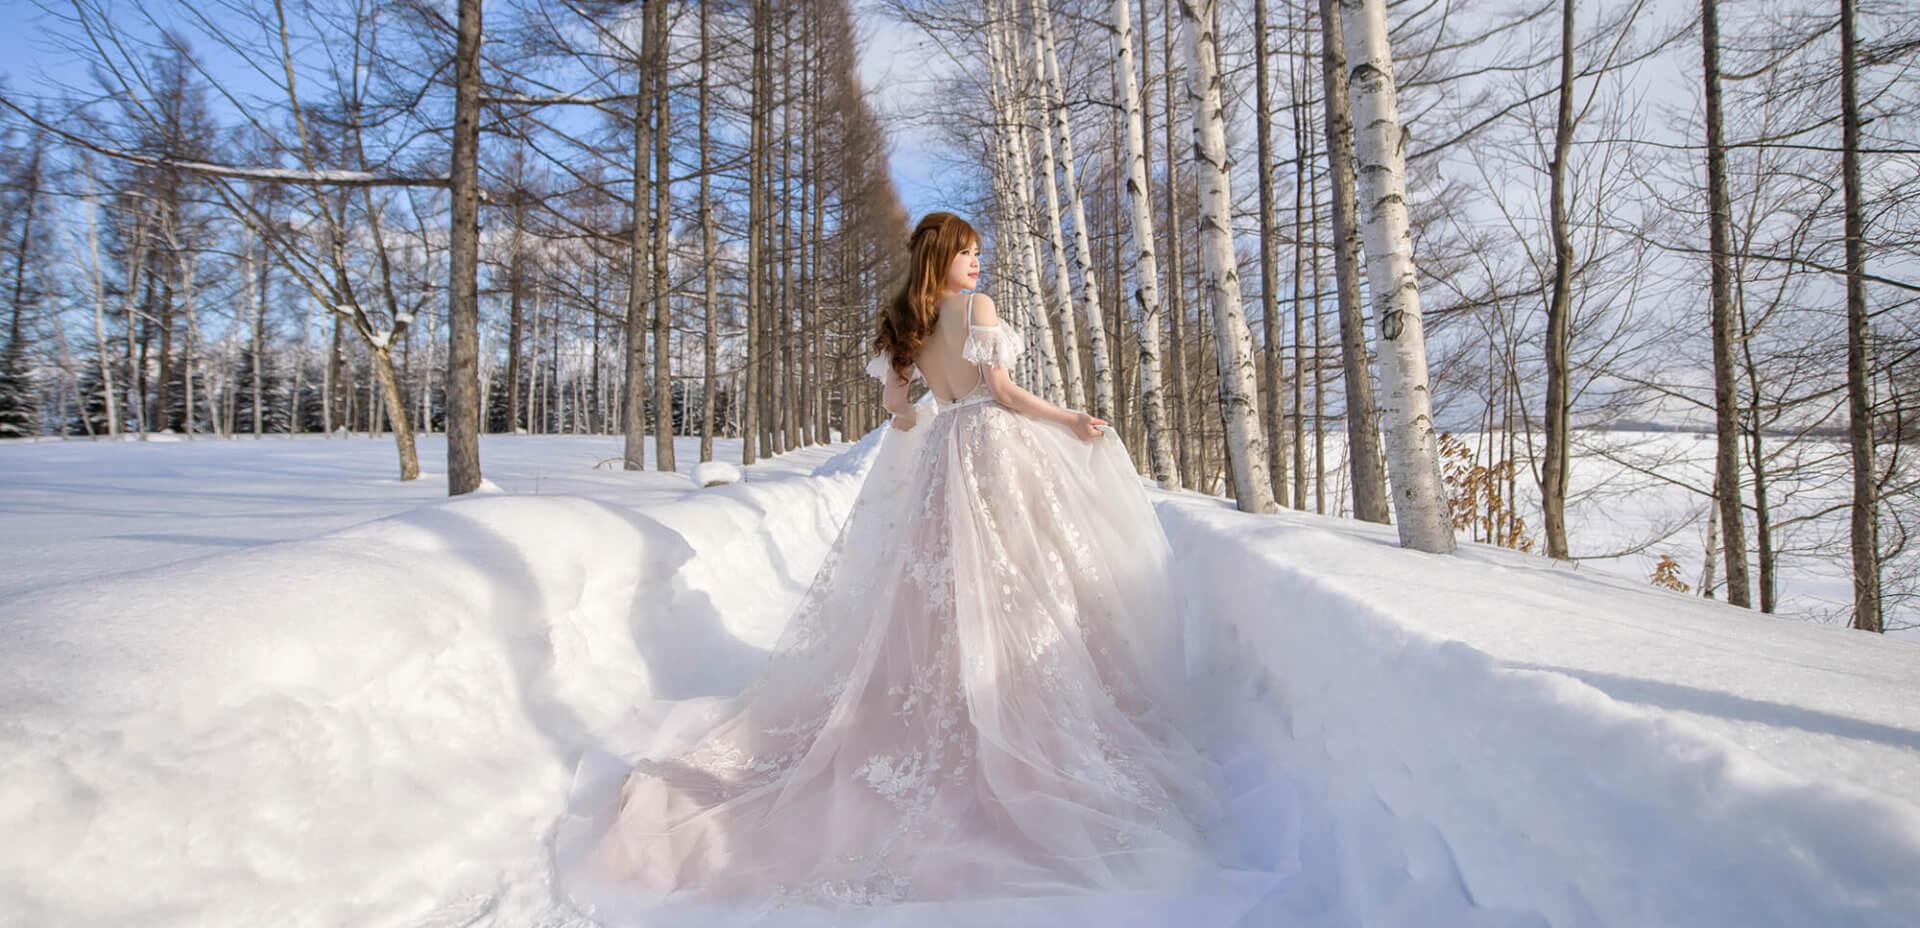 標籤:楓葉婚紗